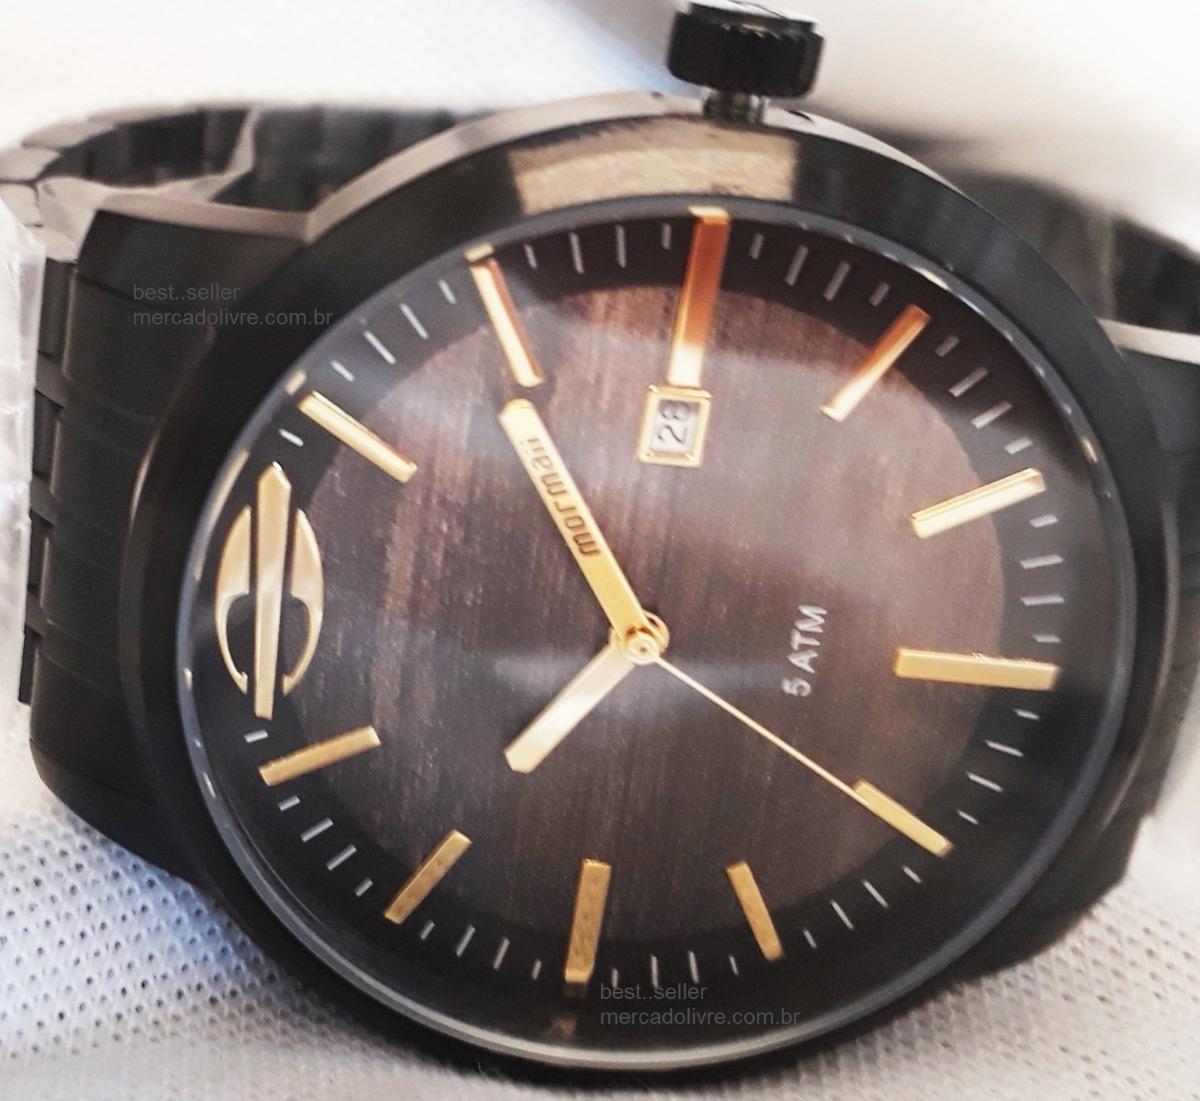 987fb5056fb relógio mormaii mo2115bf 4m mo2115bf 4m preto. Carregando zoom.